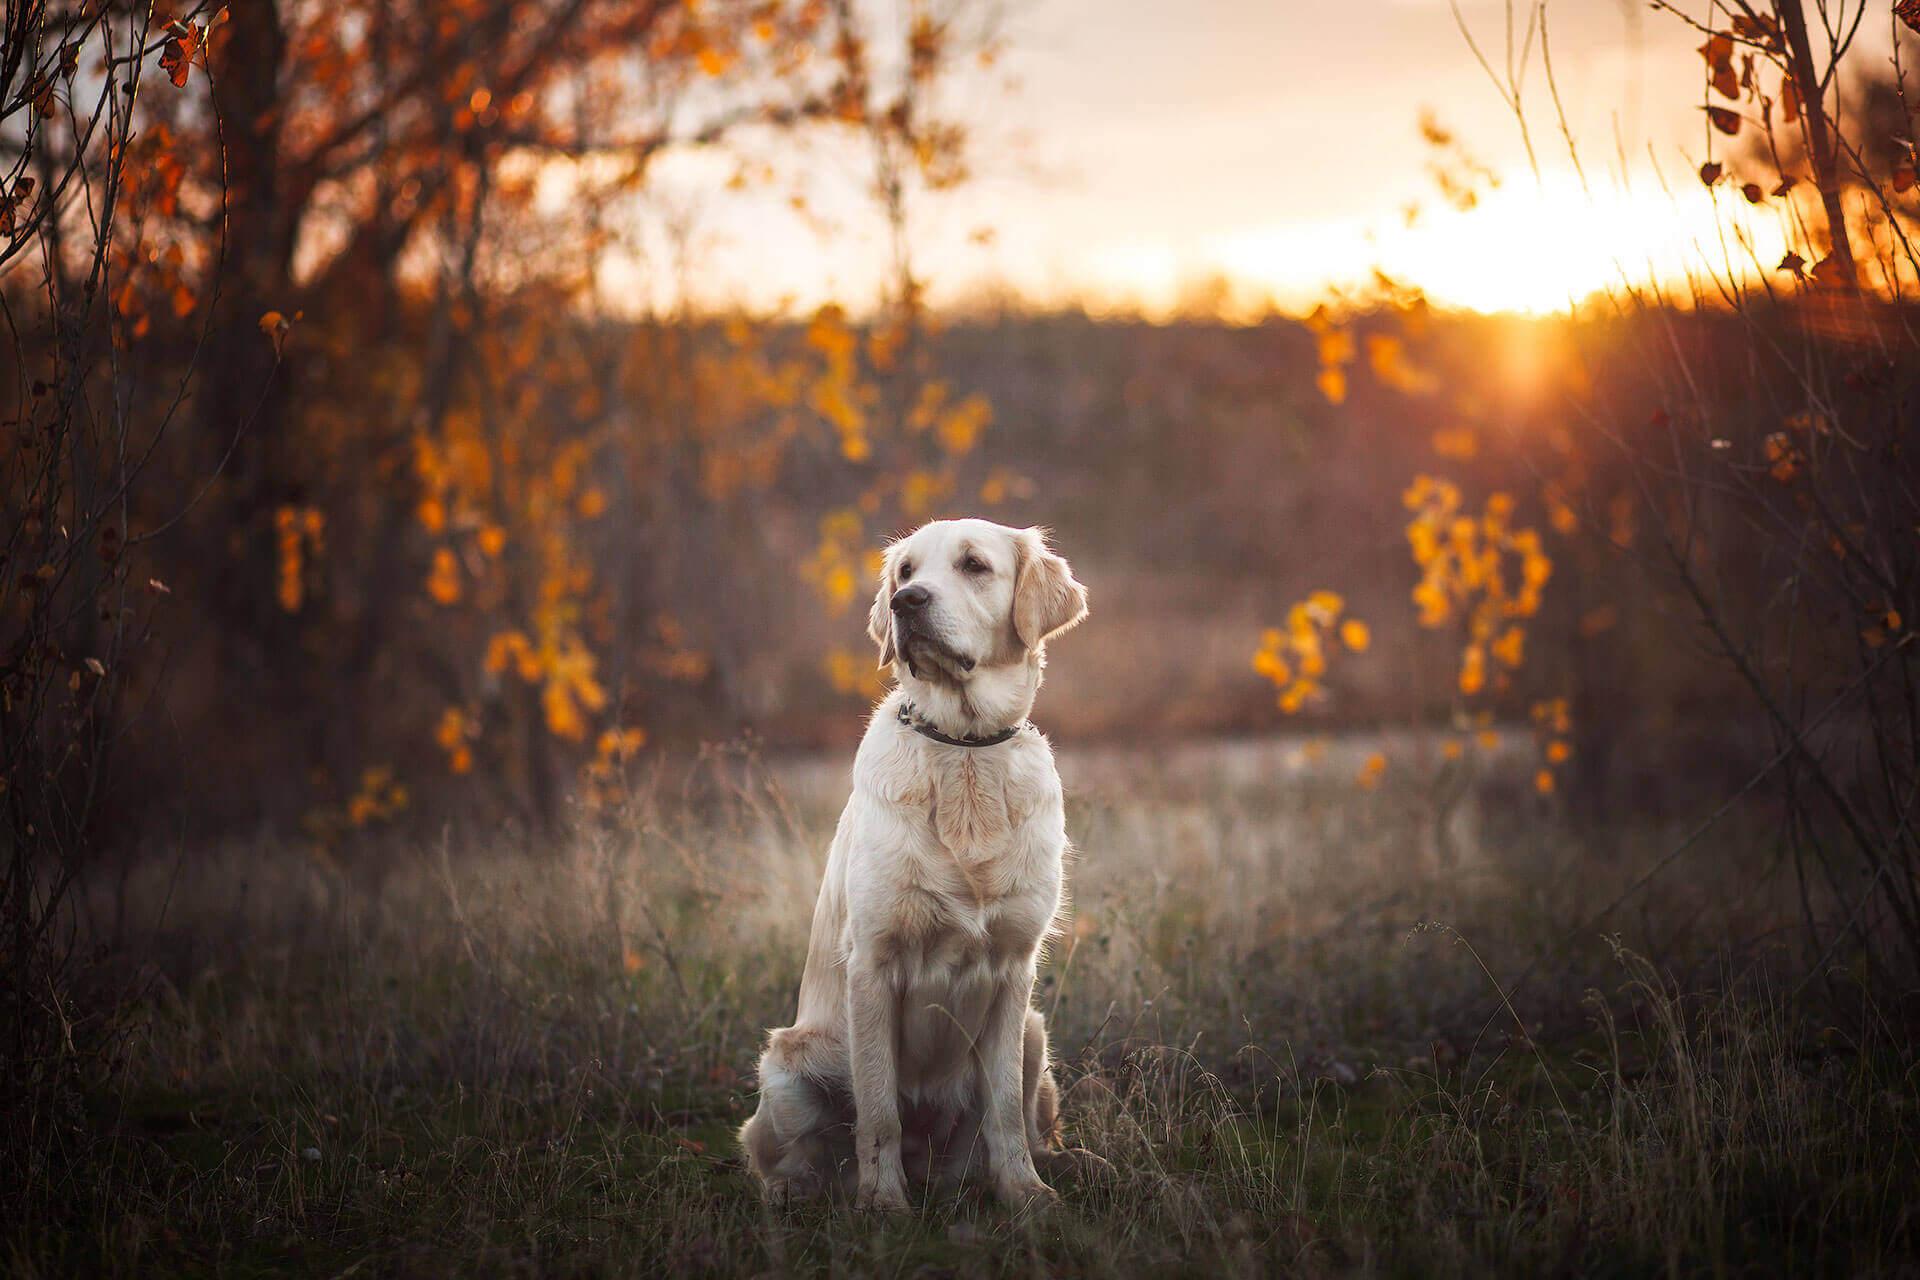 Hund Sam ging verloren - Dank dem Tractive GPS wurde er wieder gefunden